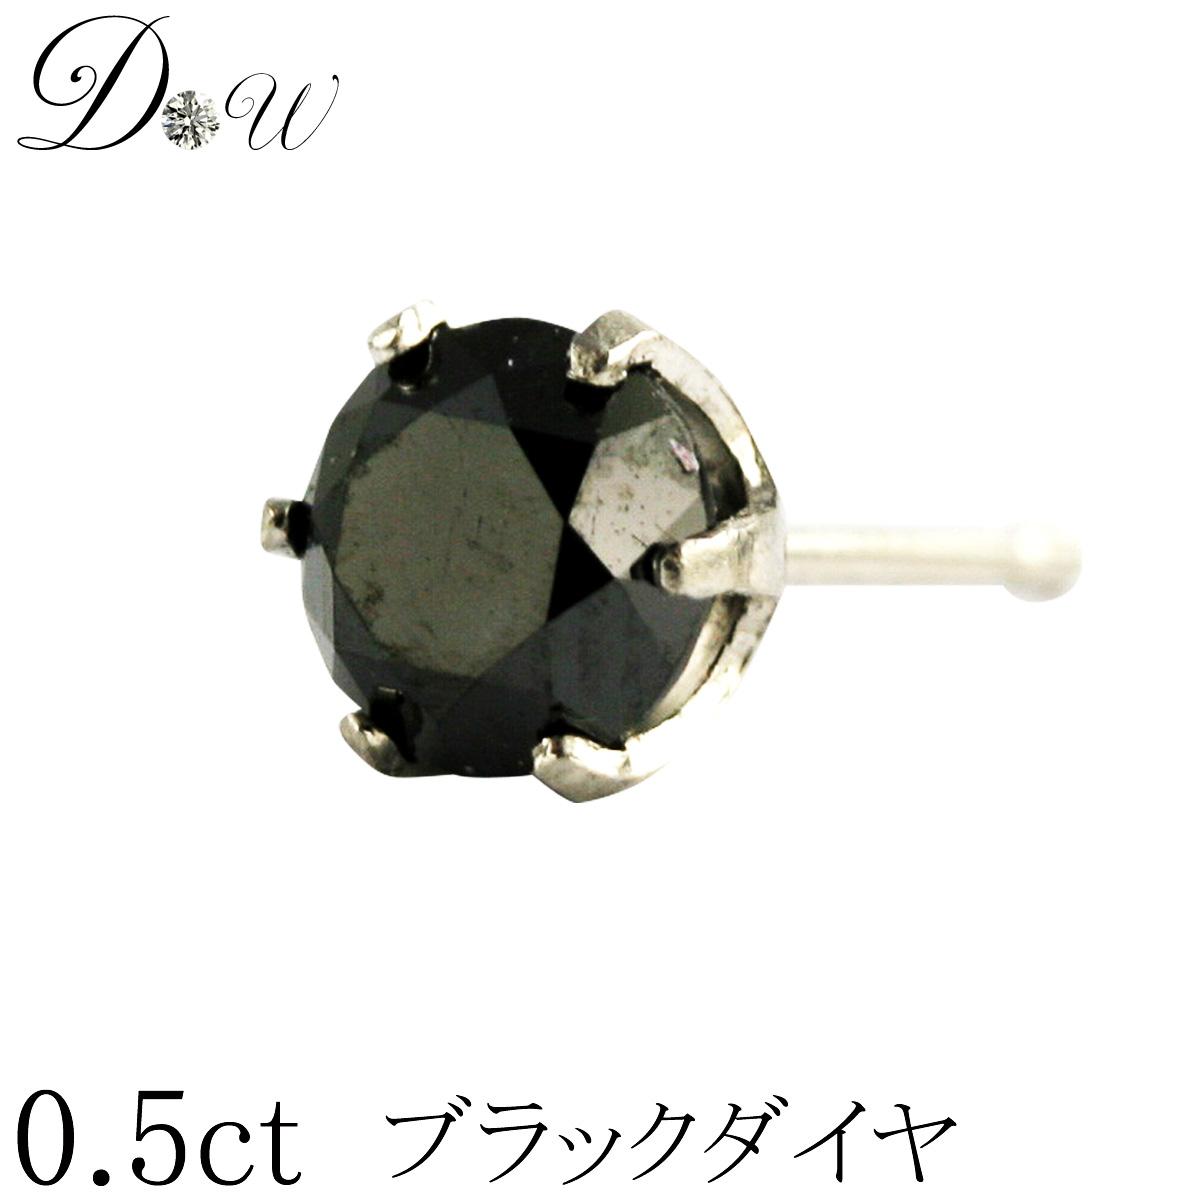 プラチナ ブラックダイヤモンド ピアス プラチナ900 0.5ct 片耳ピアス 6本爪タイプ 品質保証書付 メンズ タイムセール Pt900 ダイヤ あす楽_関東 ダイヤモンド オリジナル ブラックダイヤ ブラック